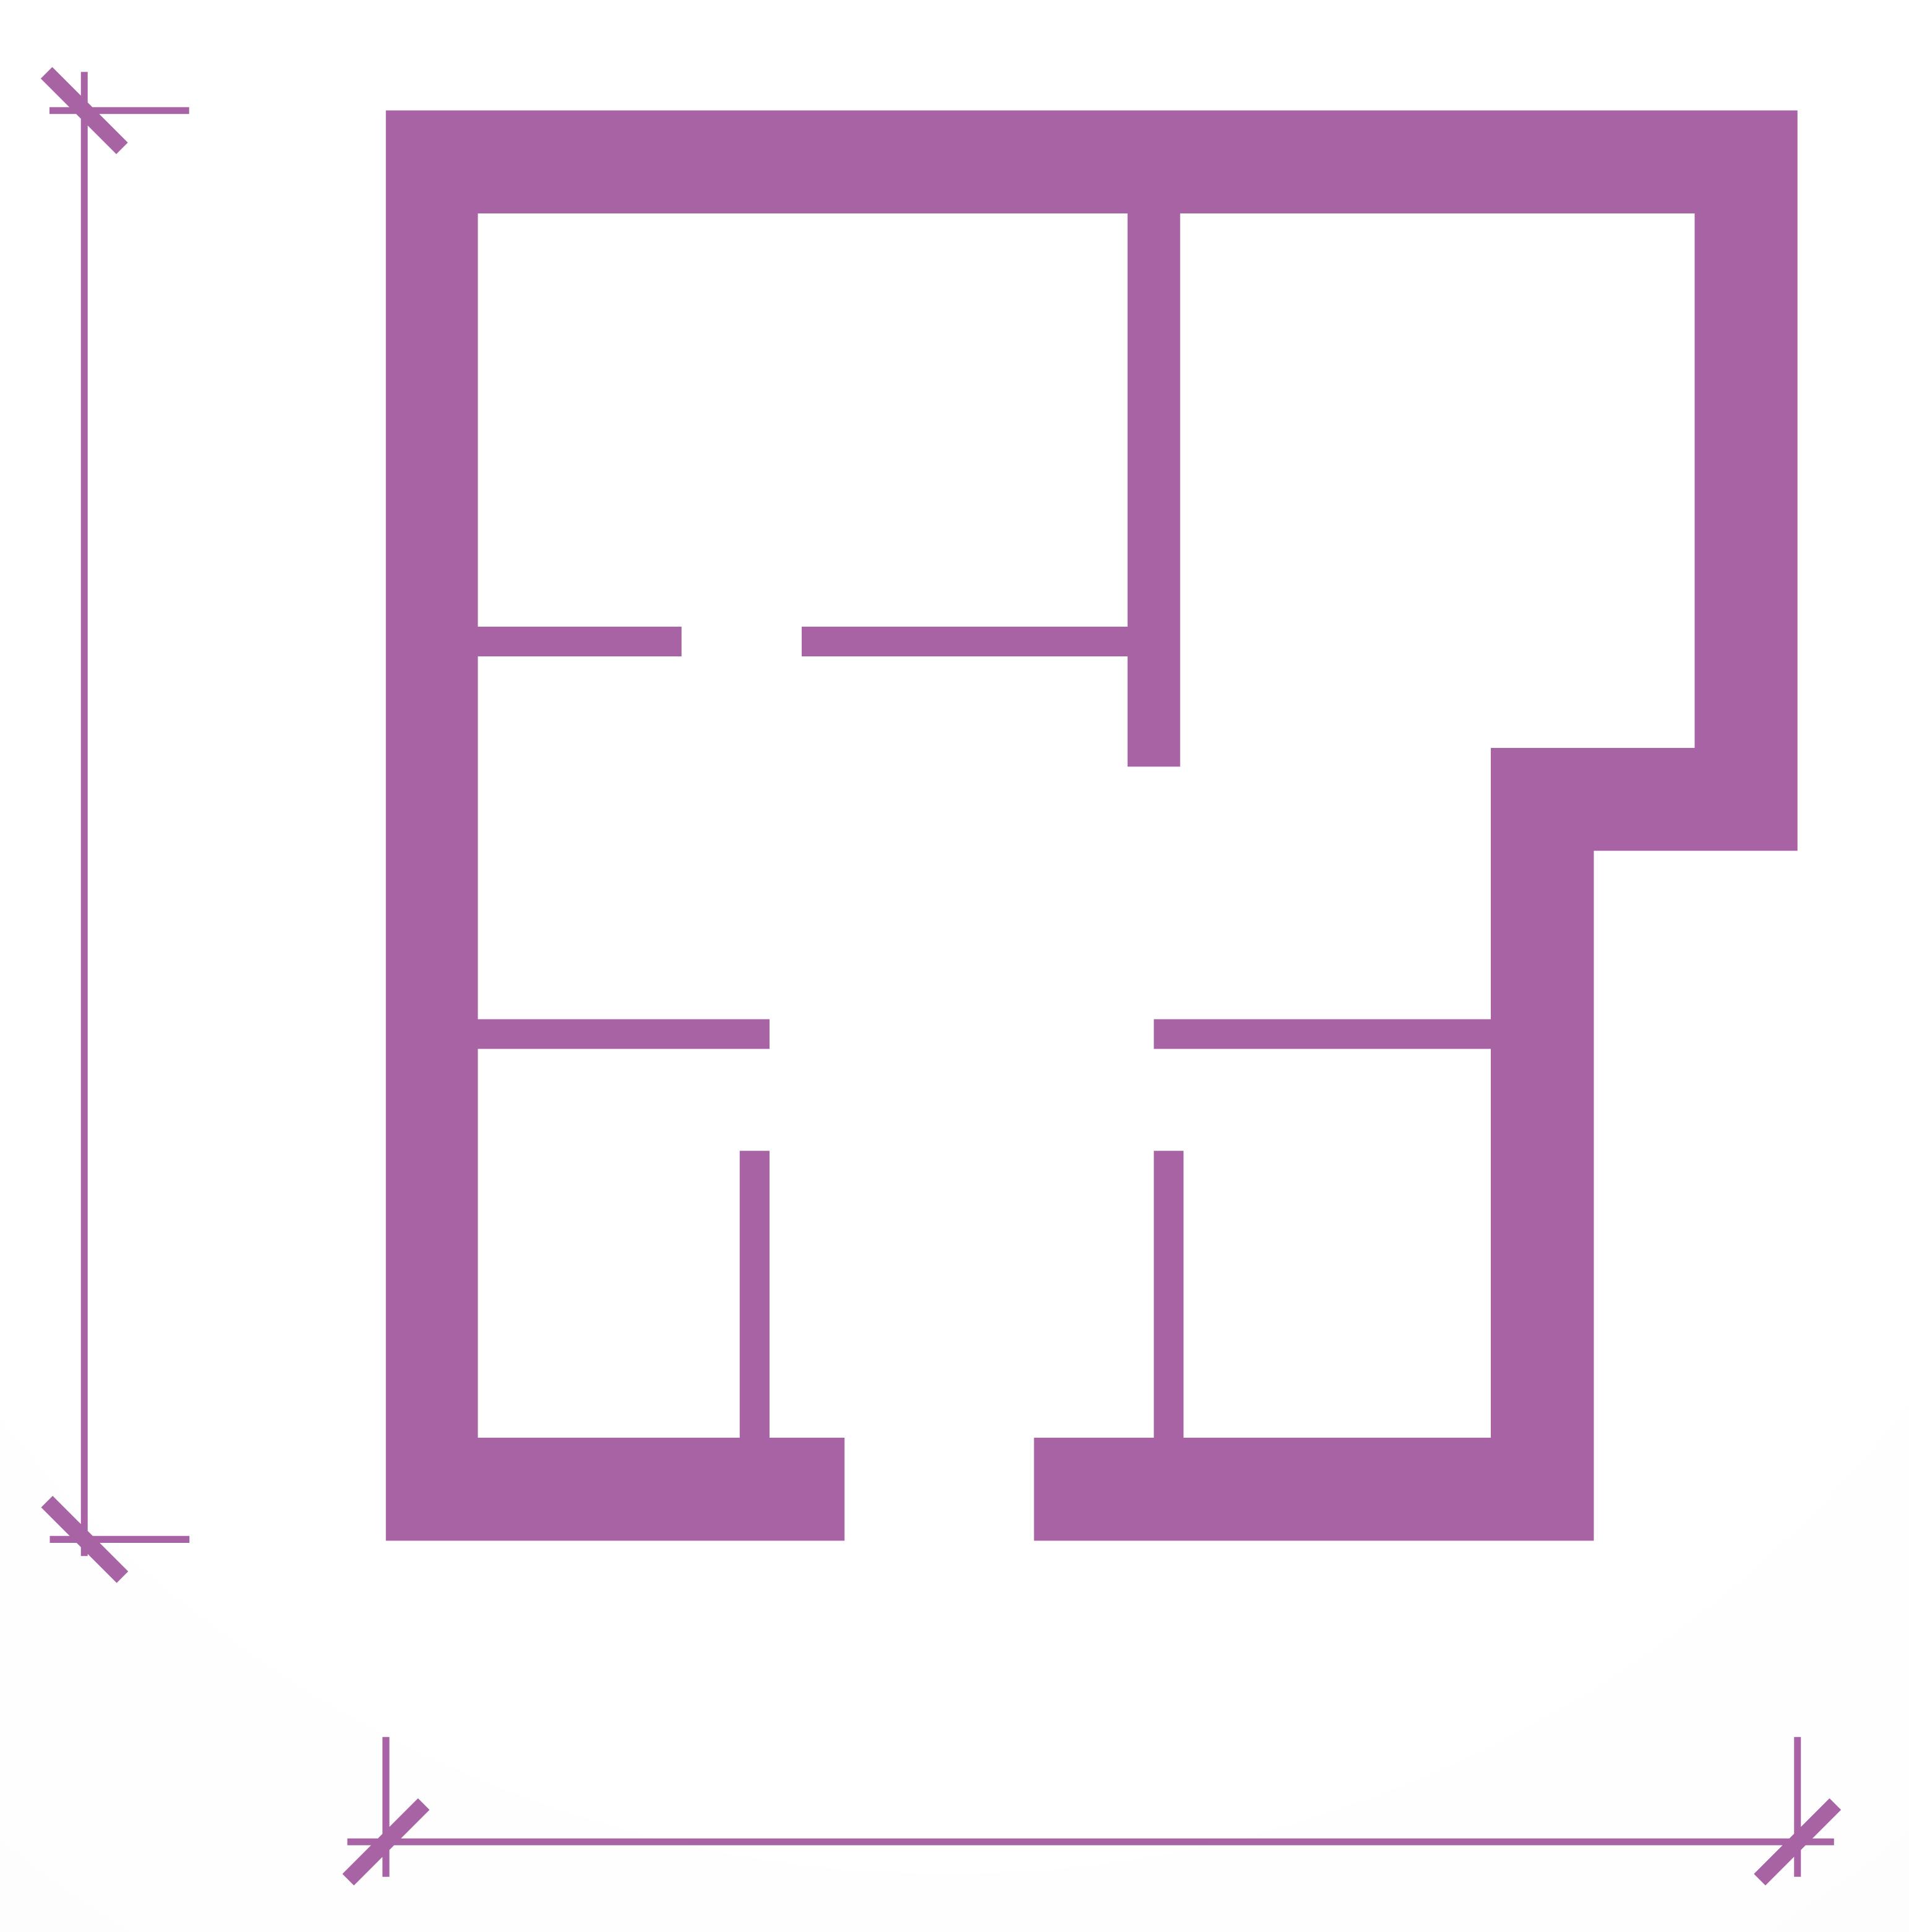 Personnaliser votre maison for Personnaliser votre propre maison